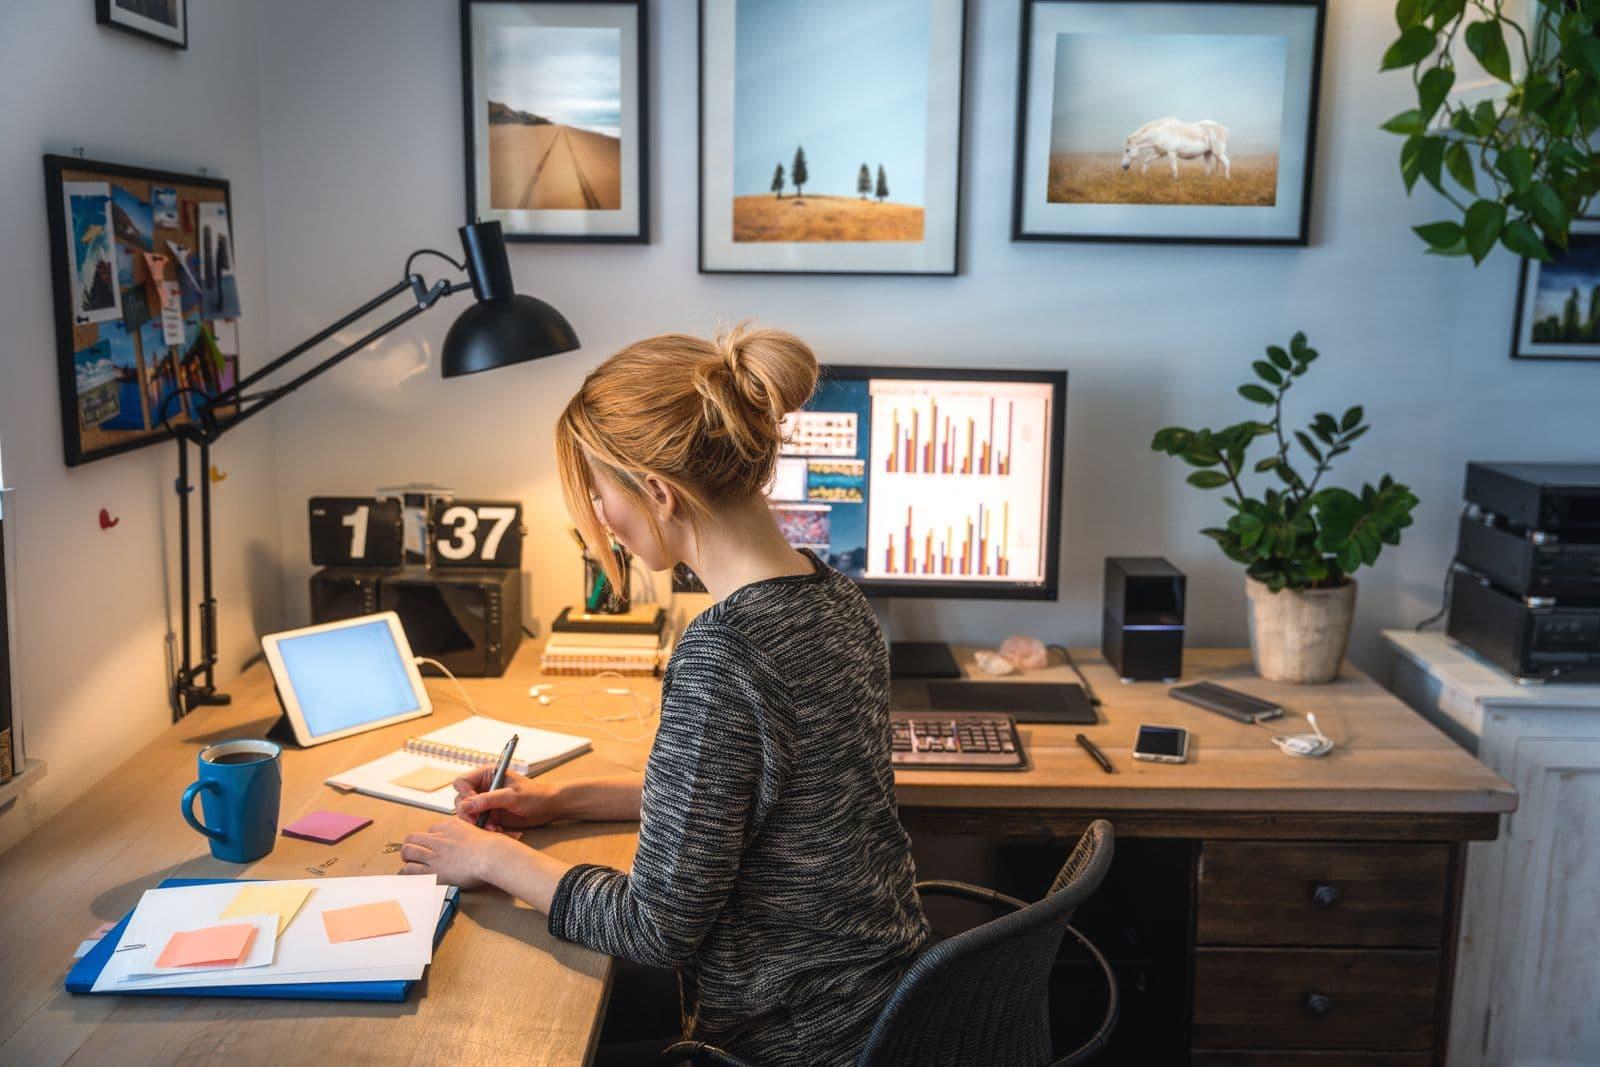 women working on an L shaped desk